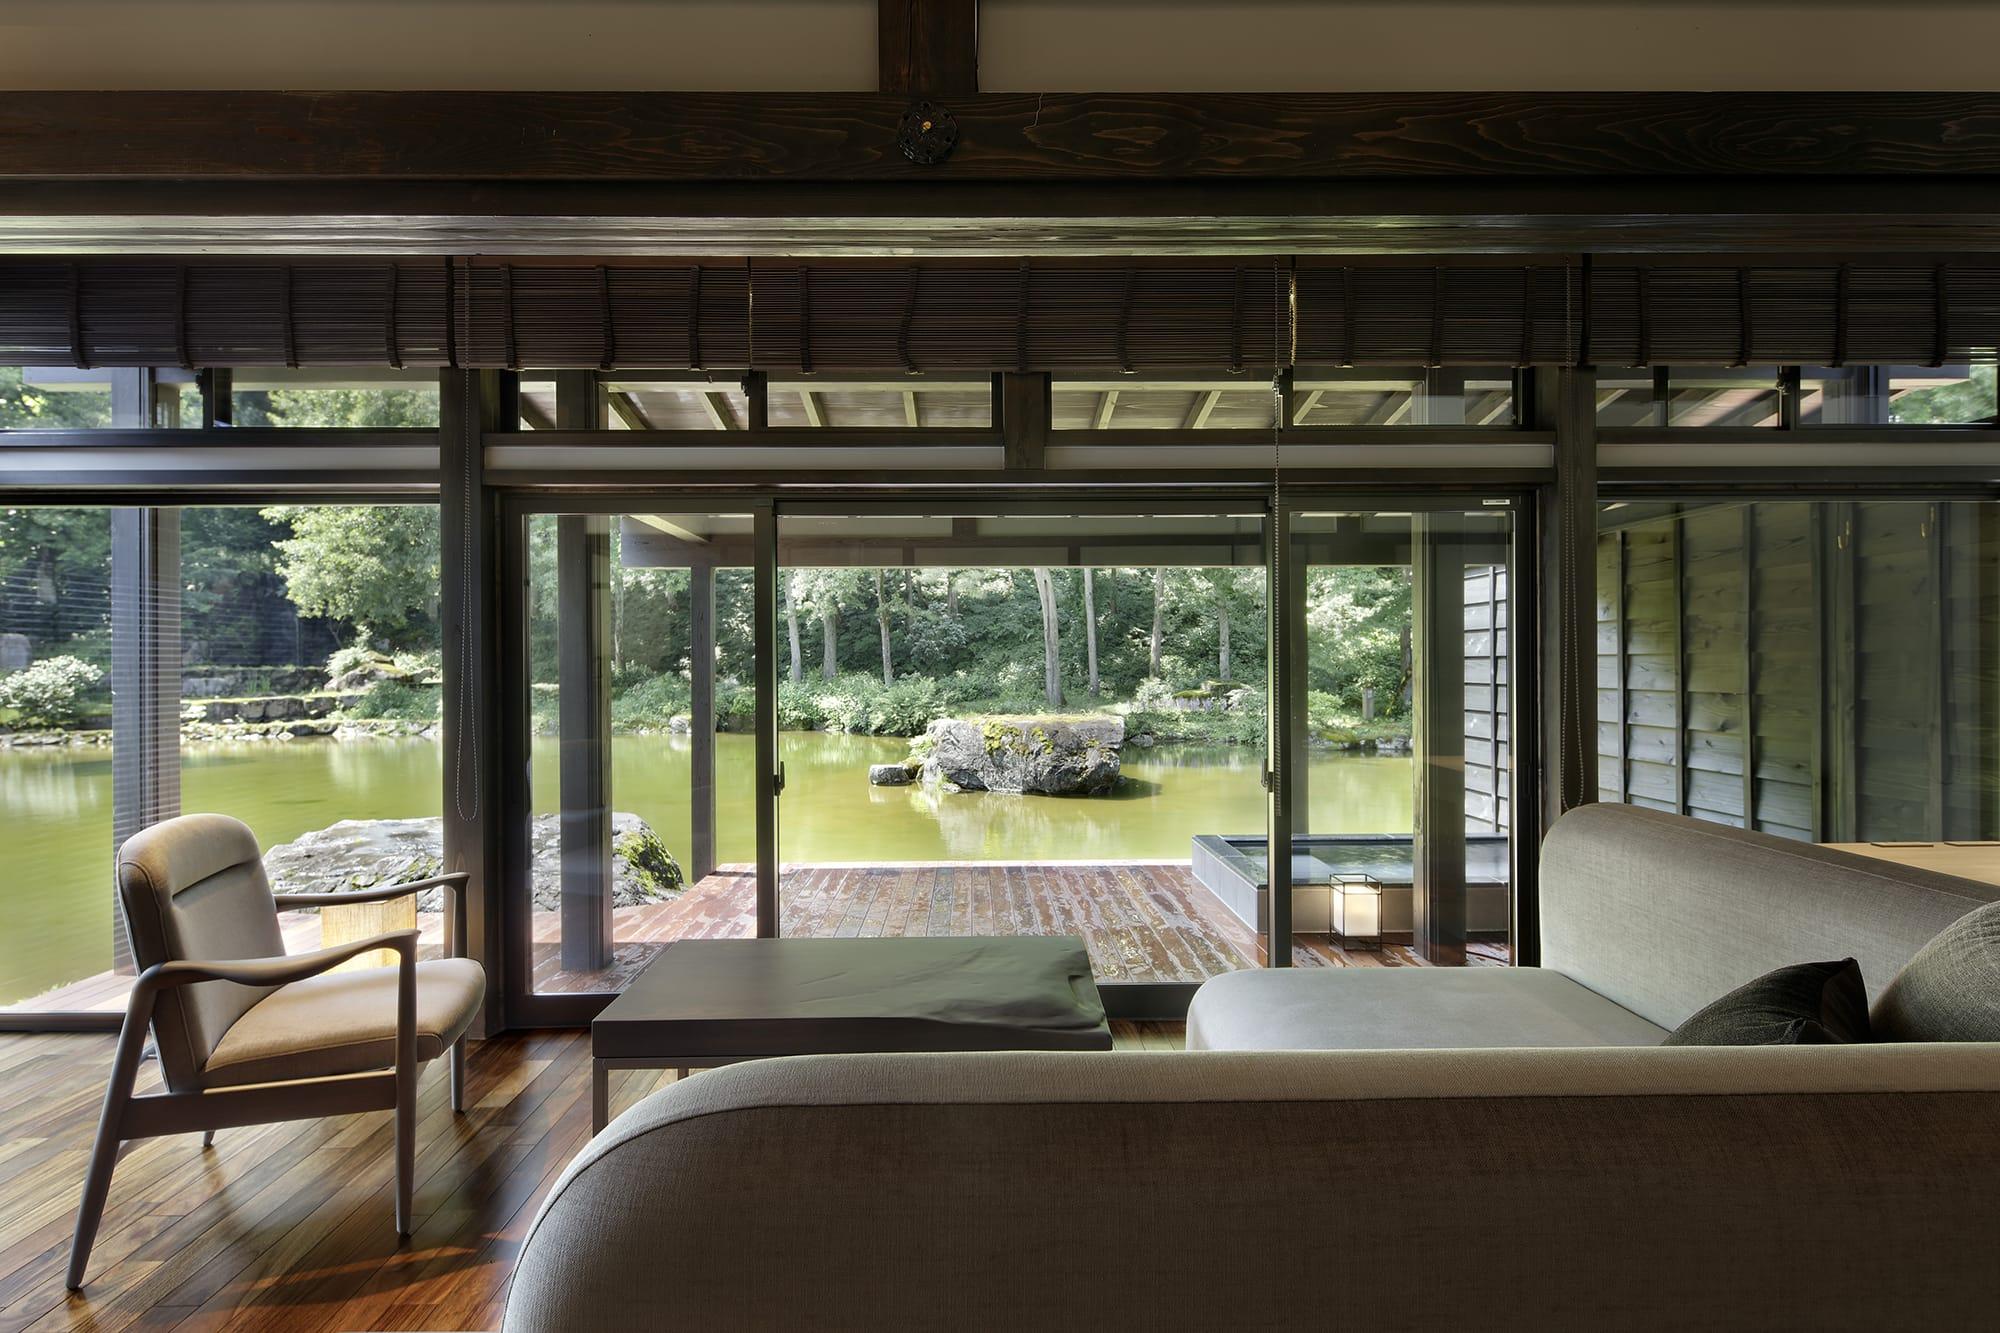 庭を見渡す戸建てのヴィラスイートは、無垢の木材を活かした内装と職人手作りの家具でくつろぎの空間となっている。